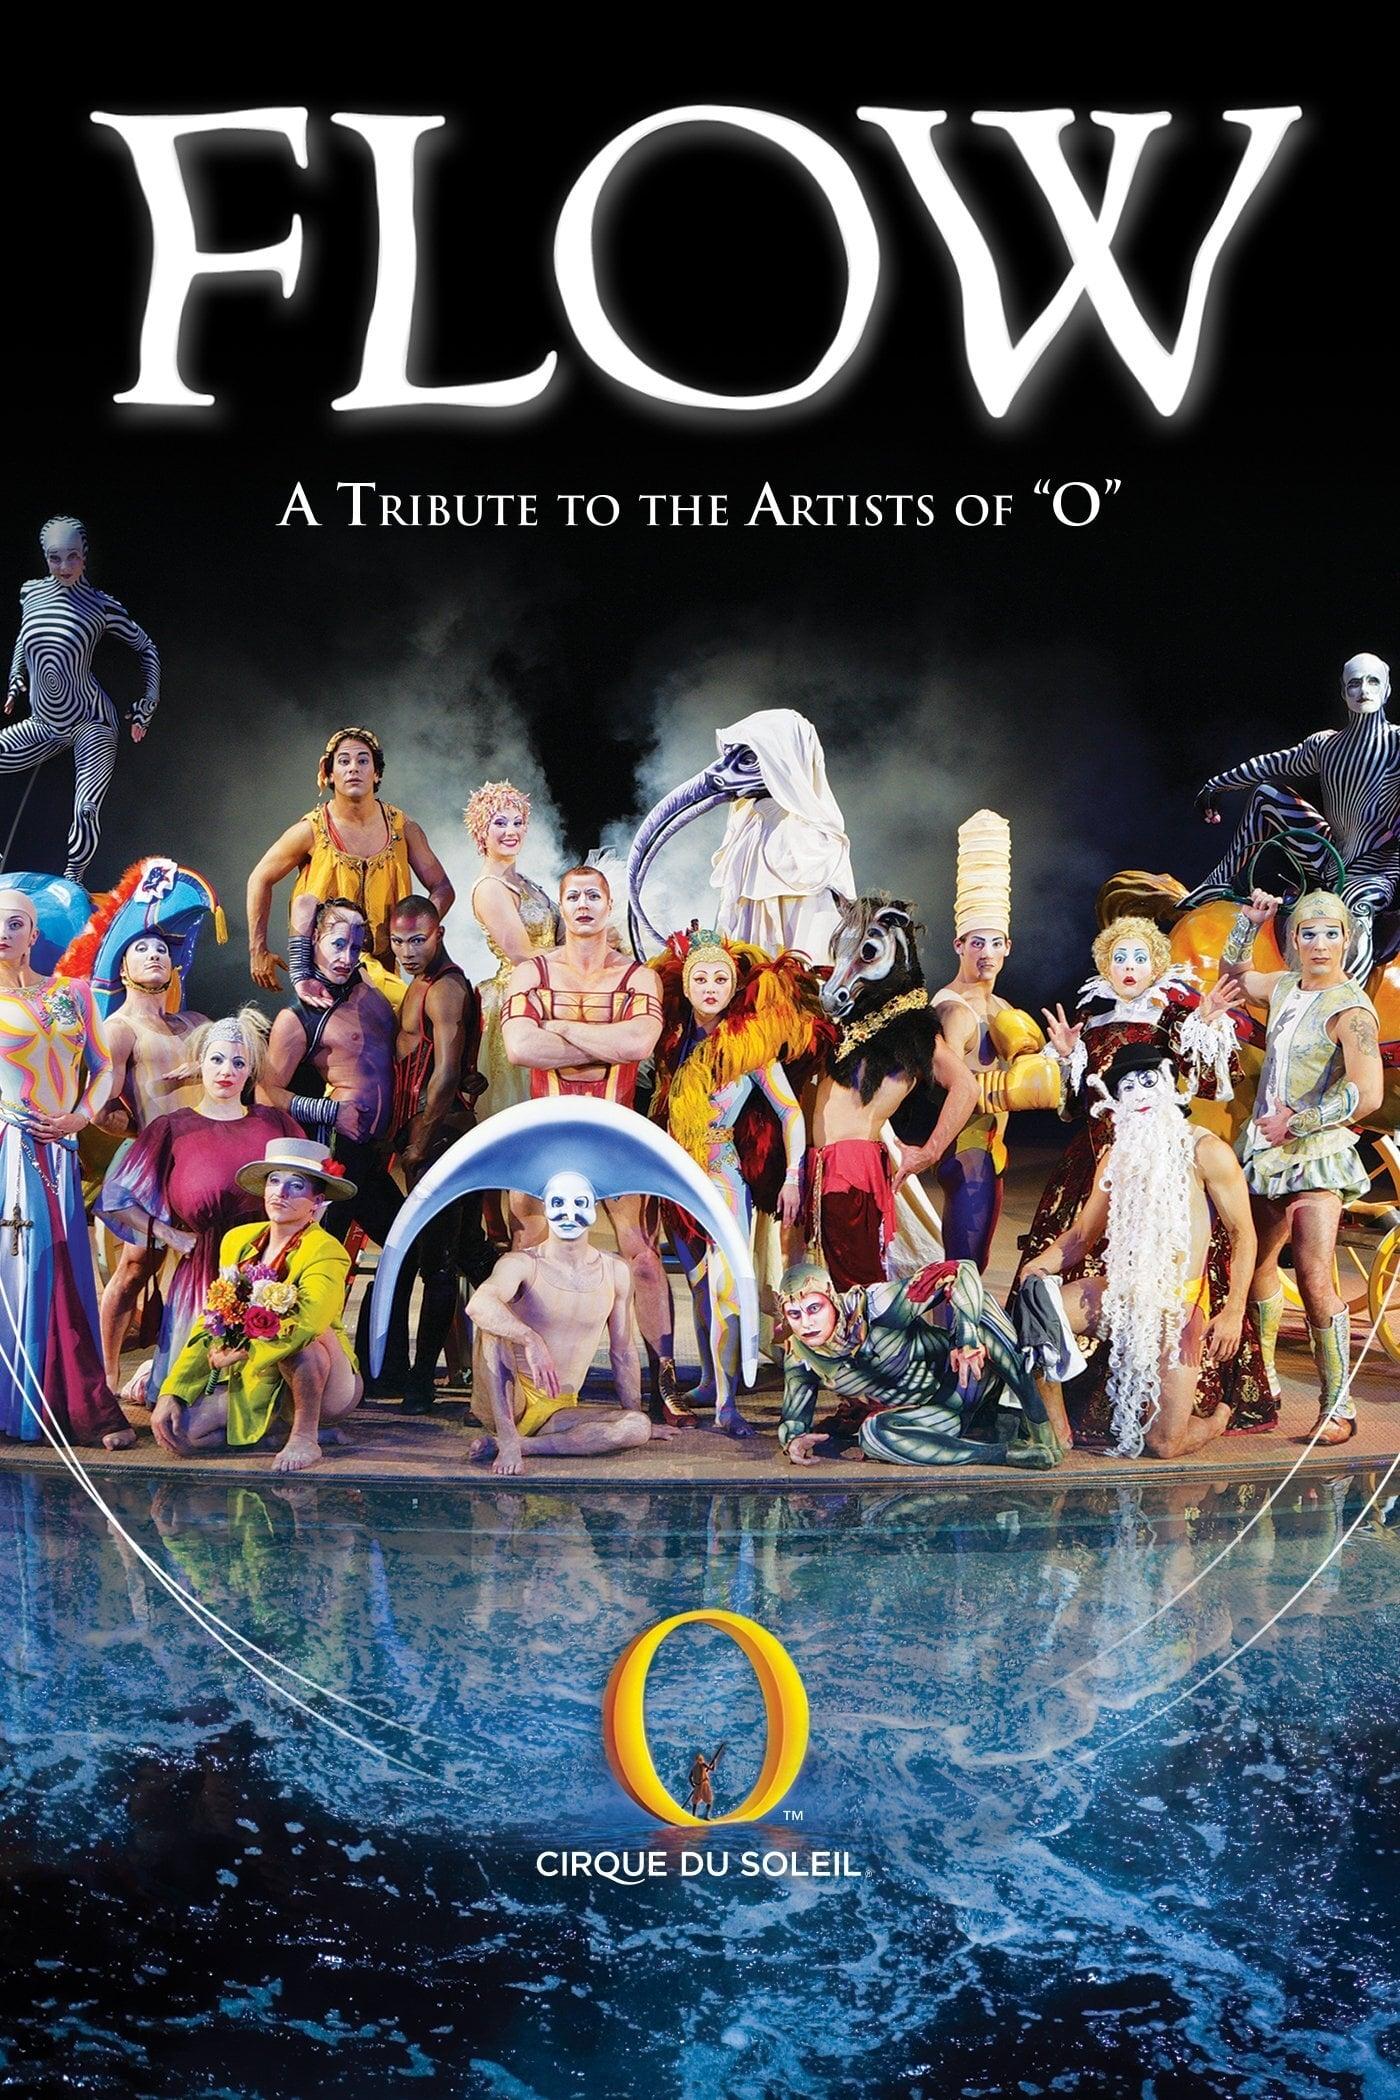 Cirque du Soleil: Flow